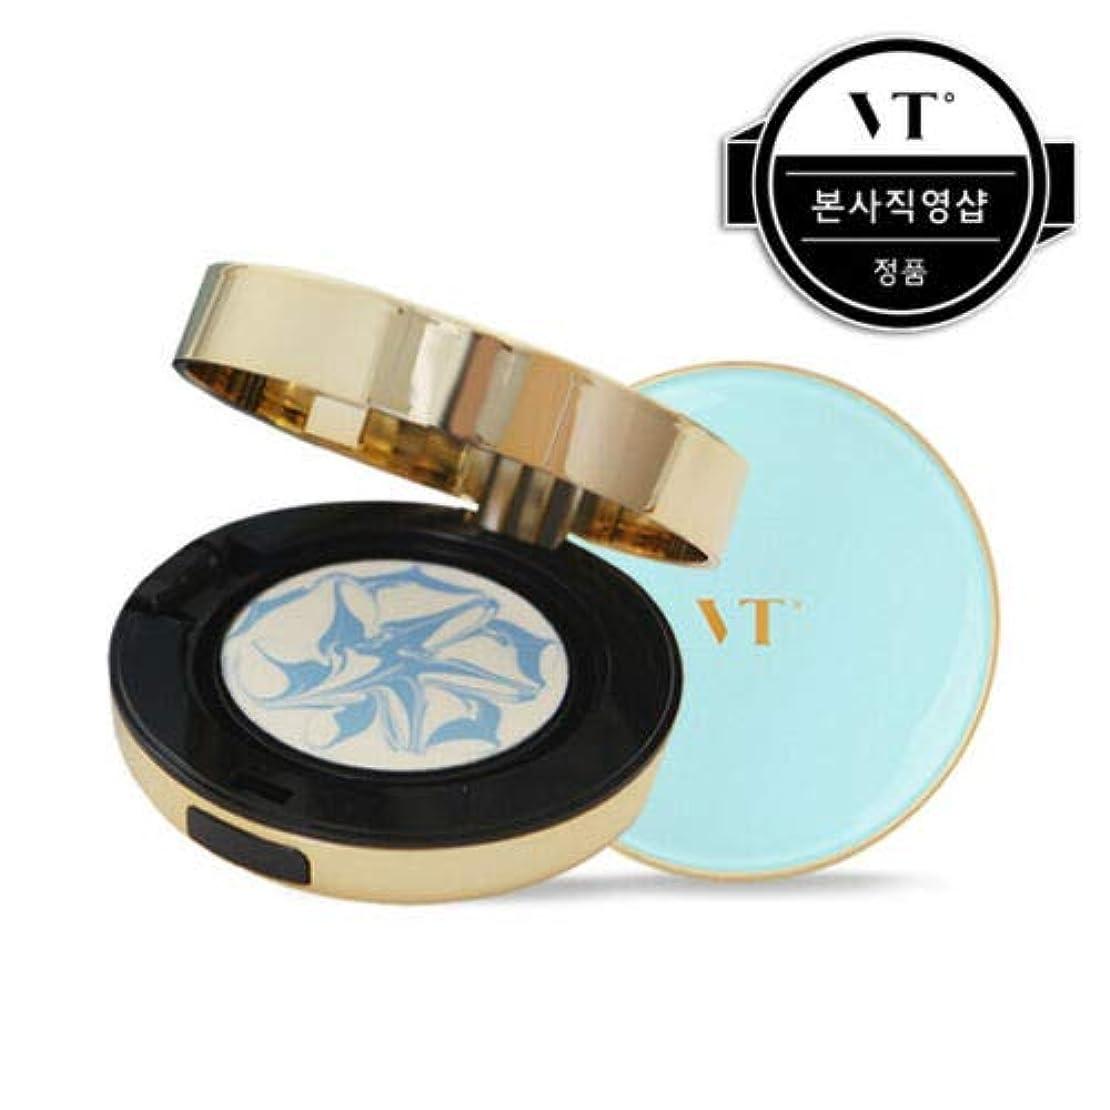 ディベート曲線米国VT Cosmetic Essence Sun Pact エッセンス サン パクト 本品11g + リフィール 11g, SPF50+/PA+++